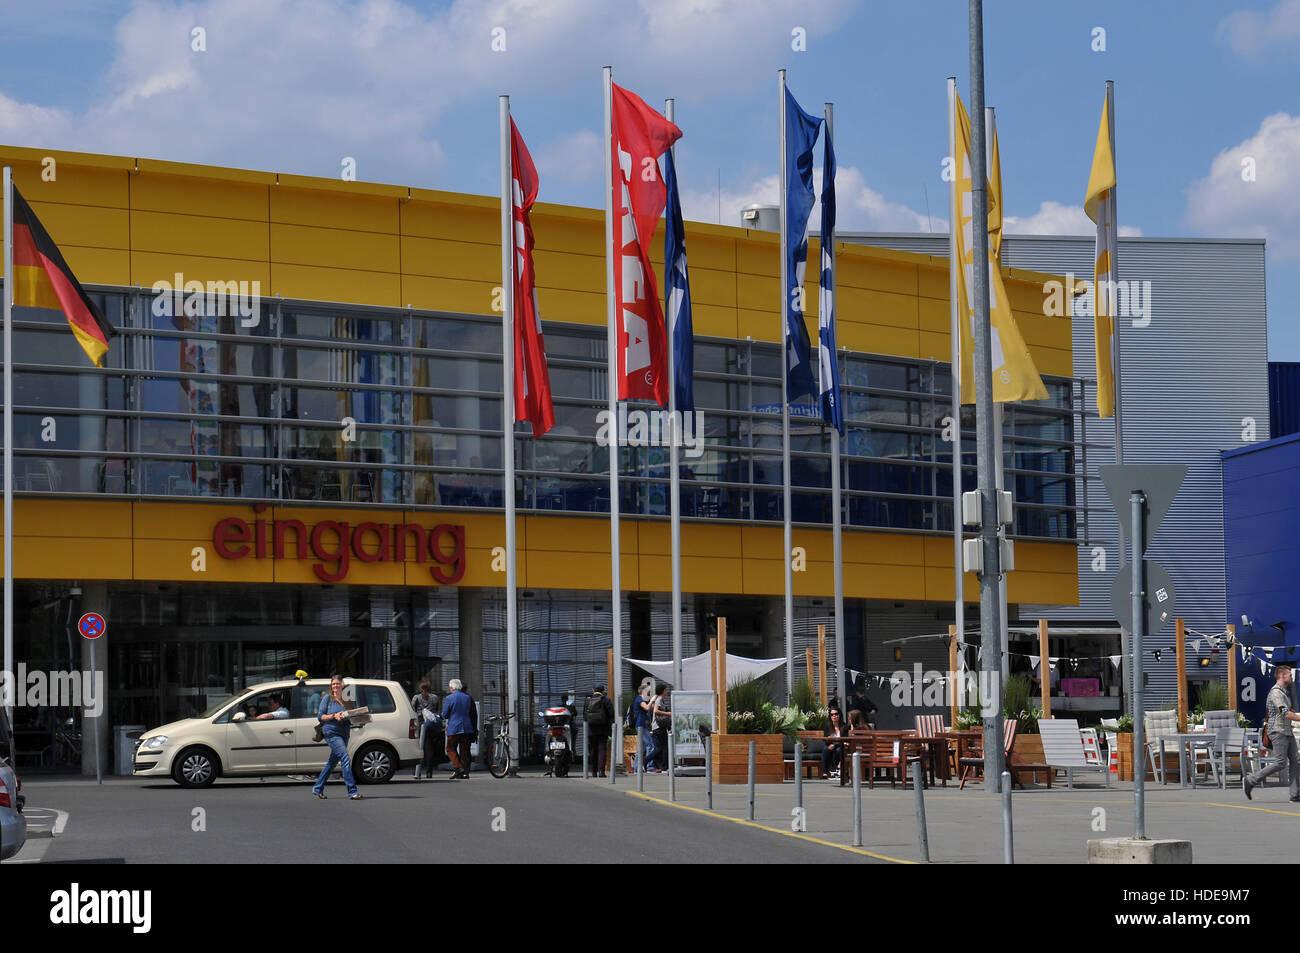 Schön Baumarkt Berlin Schöneberg Das Beste Von Ikea, Sachsendamm, Schöneberg, Berlin, Deutschland